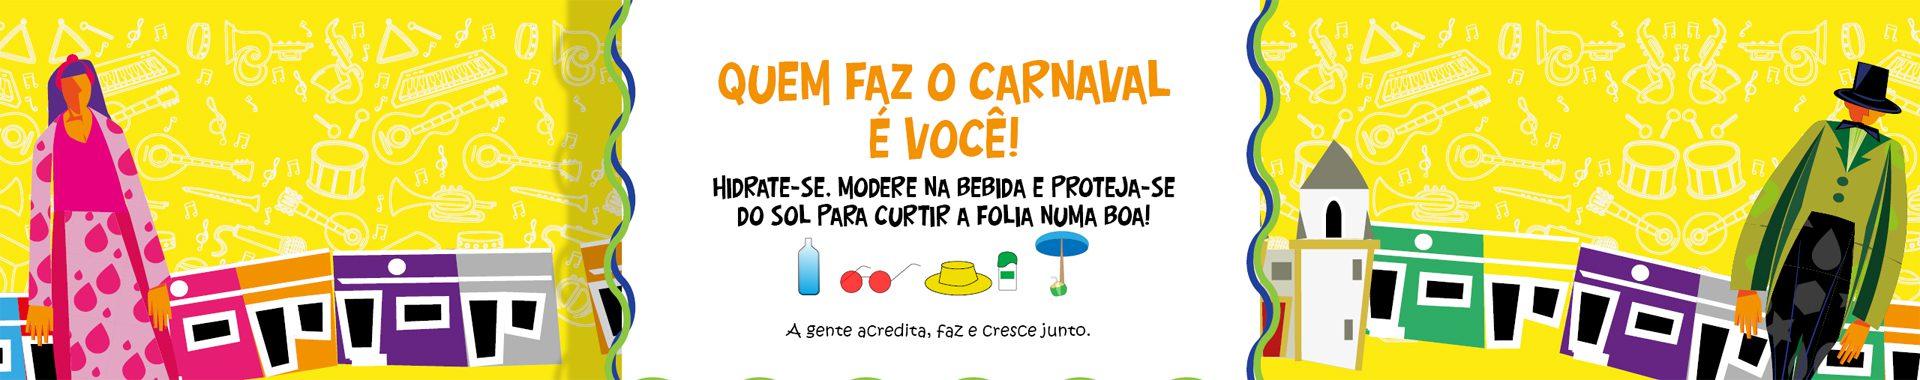 BANNER_ROTATIVO_carnaval-SEM-LOGO